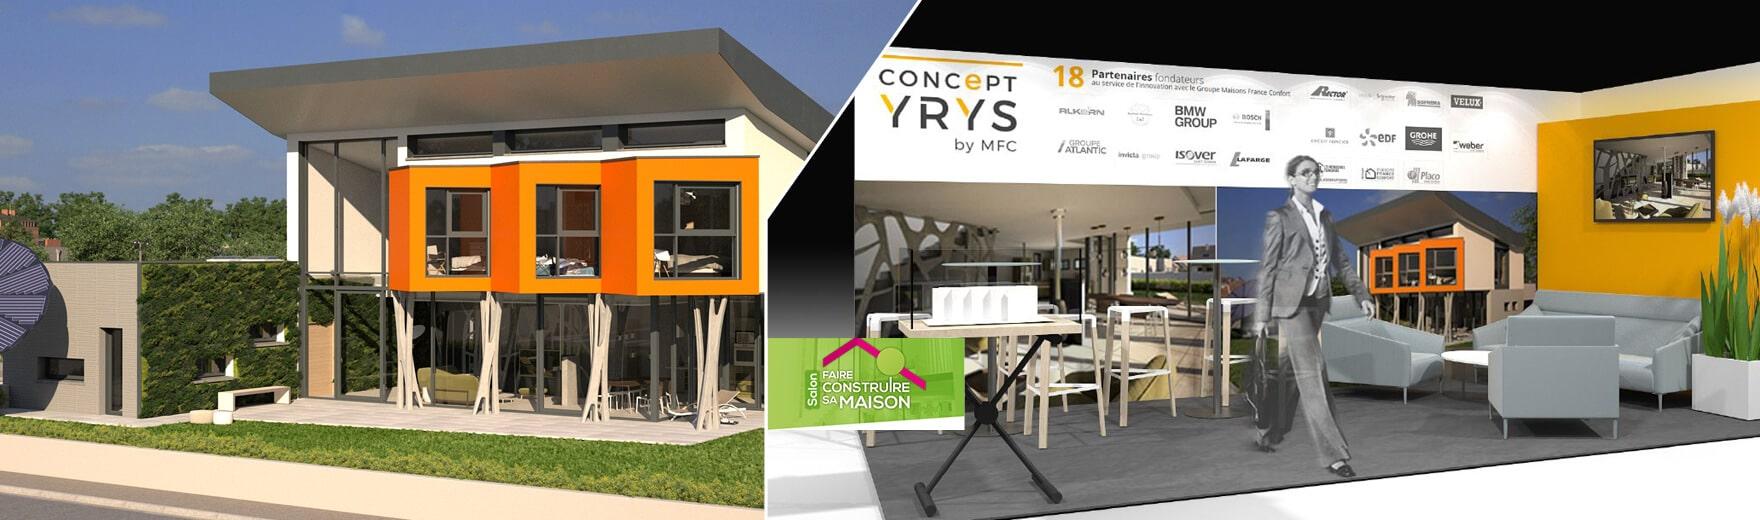 Yrys au salon faire construire sa maison de paris - Salon paris septembre 2017 ...